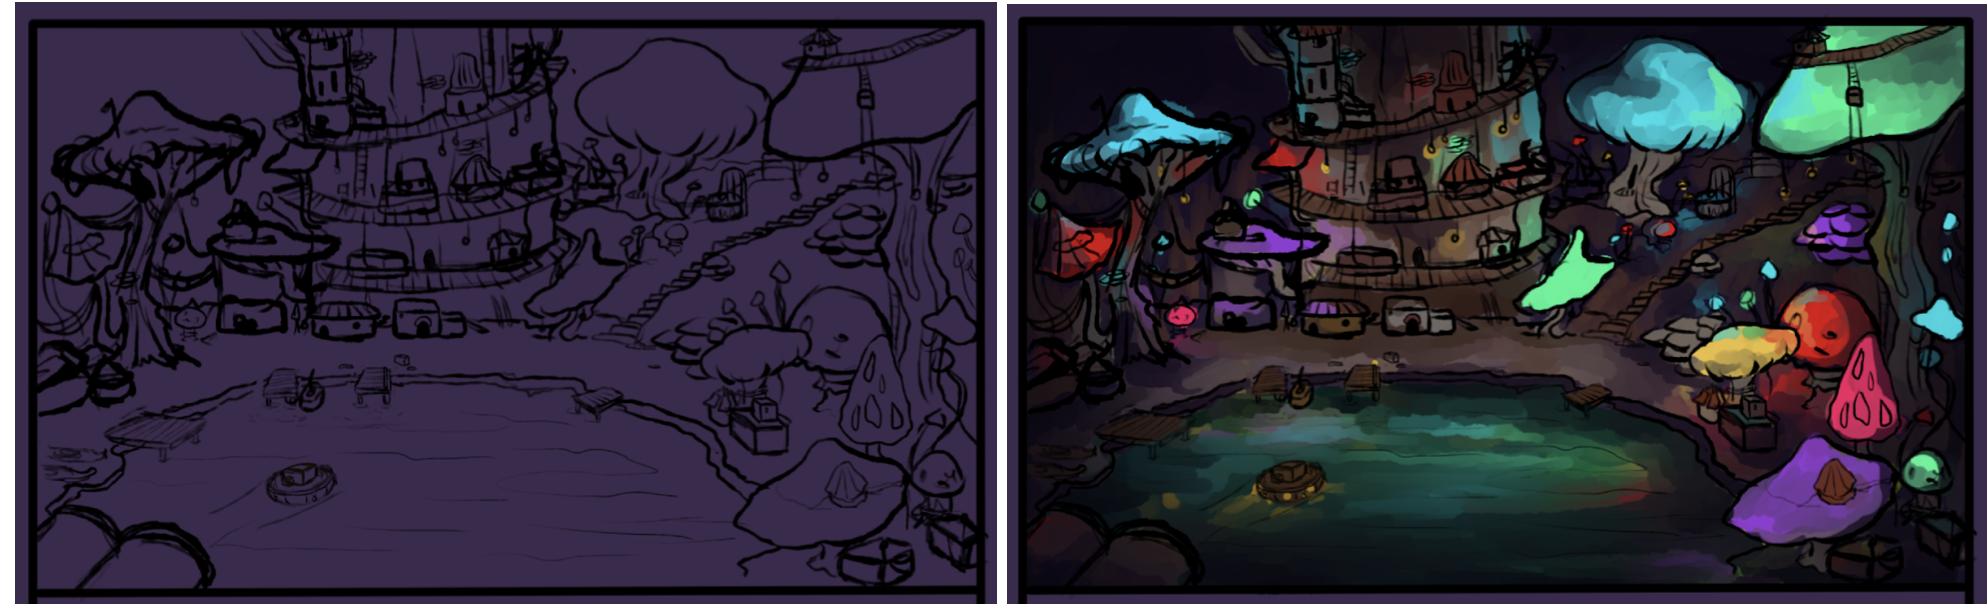 Shroomgarden sketch vs coloured